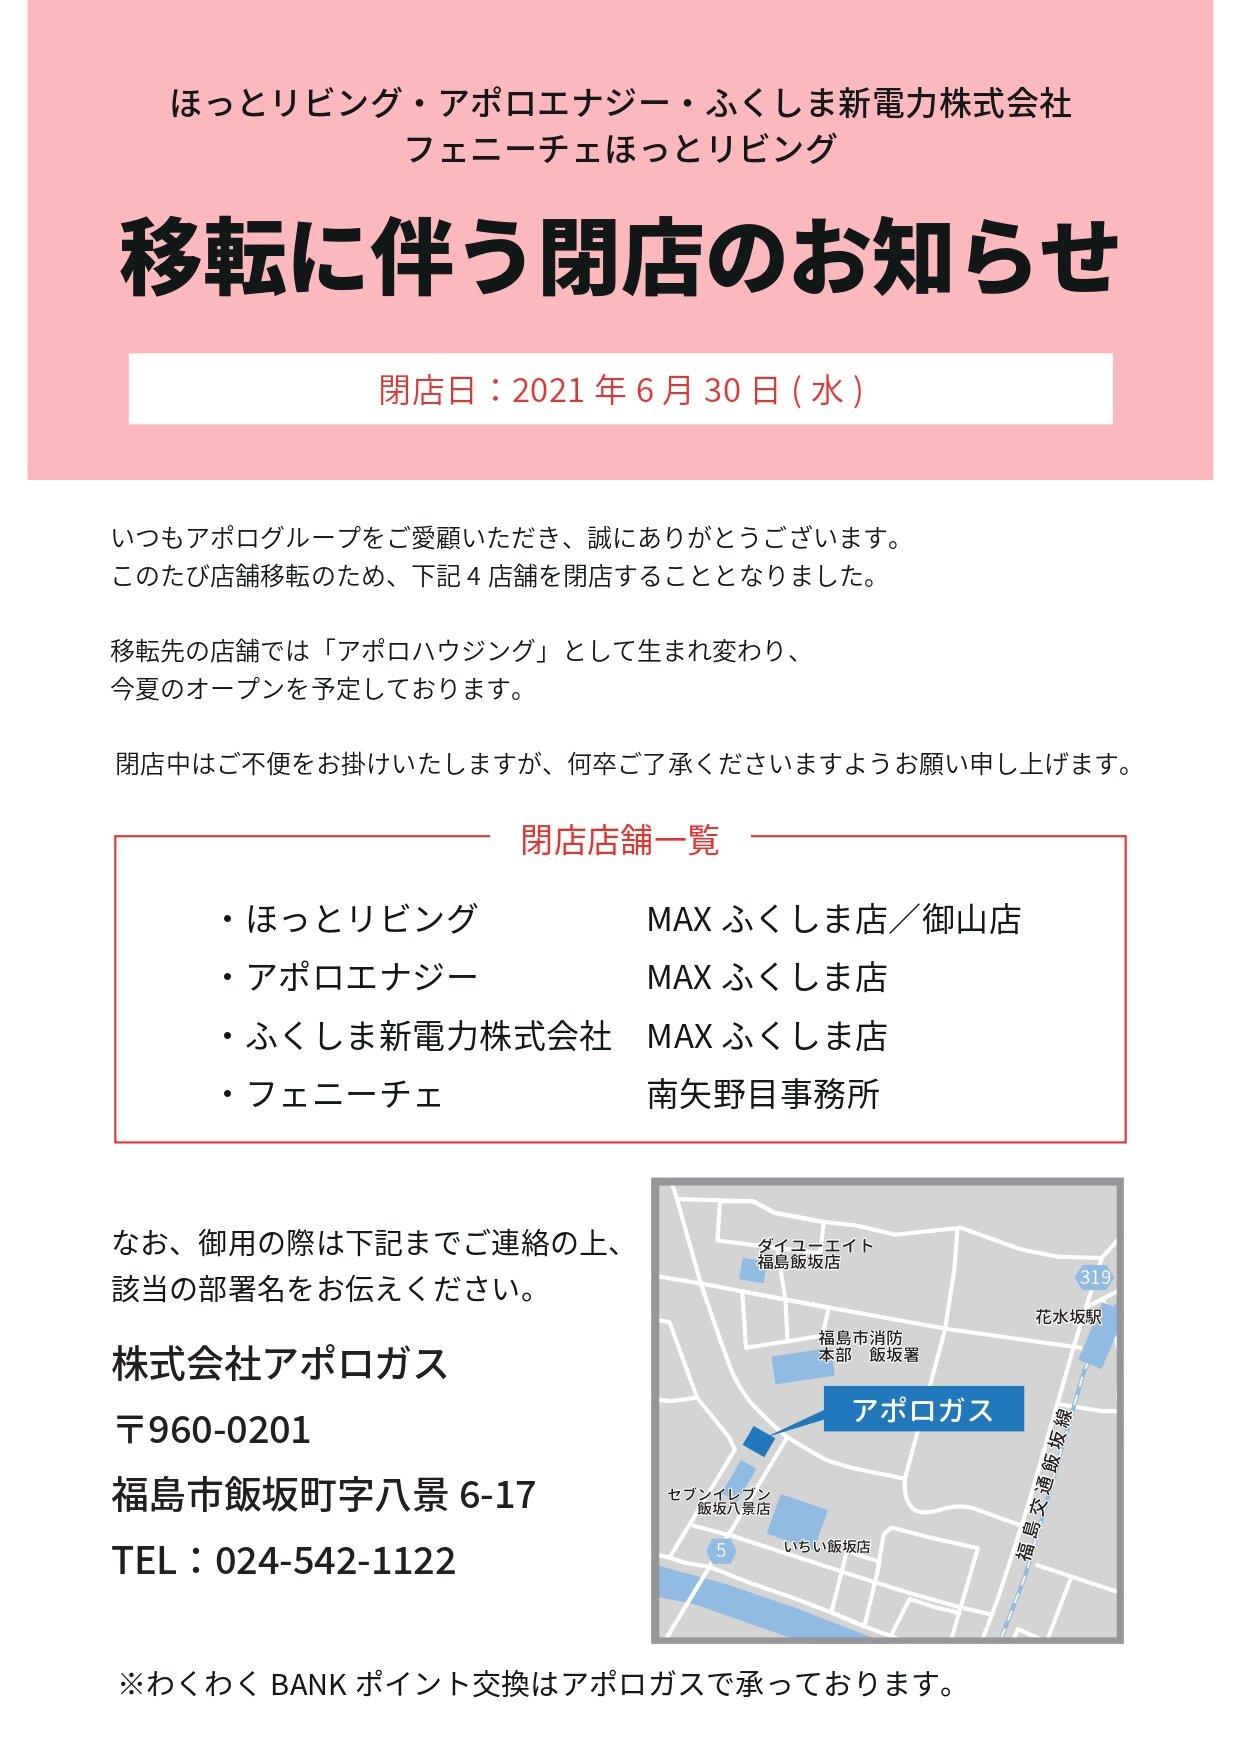 店舗移転に伴う閉店のお知らせ_A4_page-0001.jpg